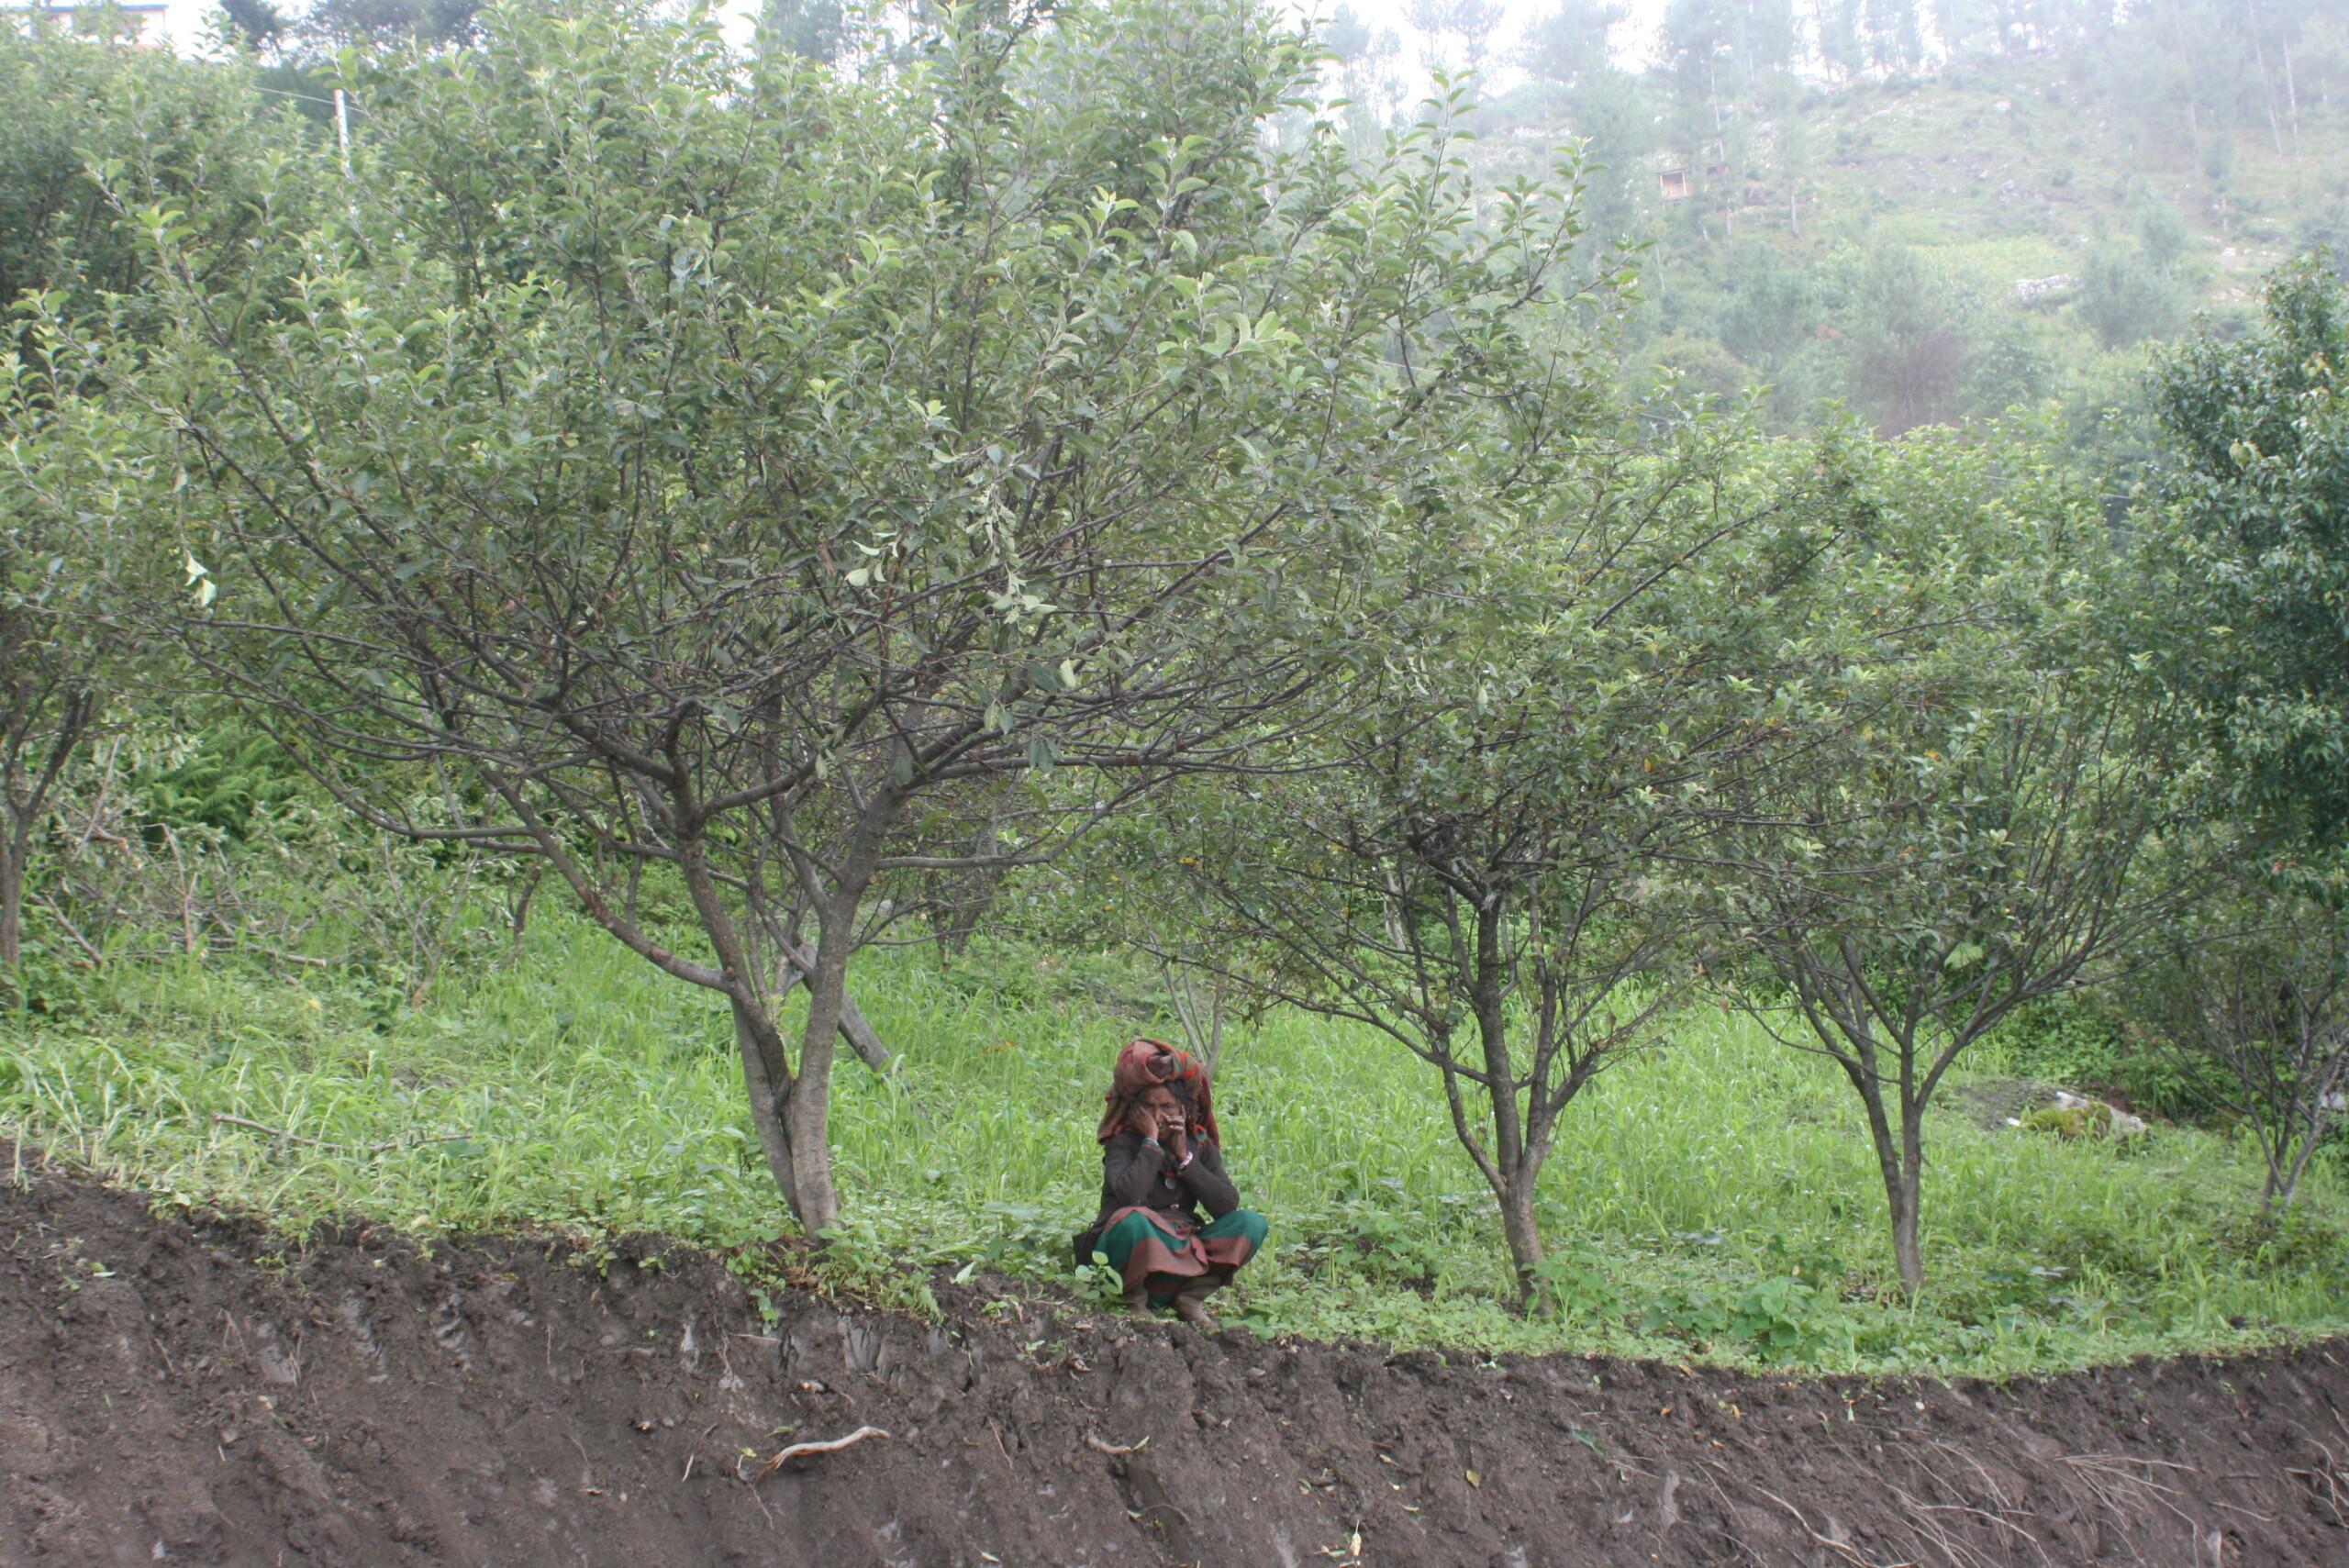 स्याउ नफलेपछि कृषक मर्कामा